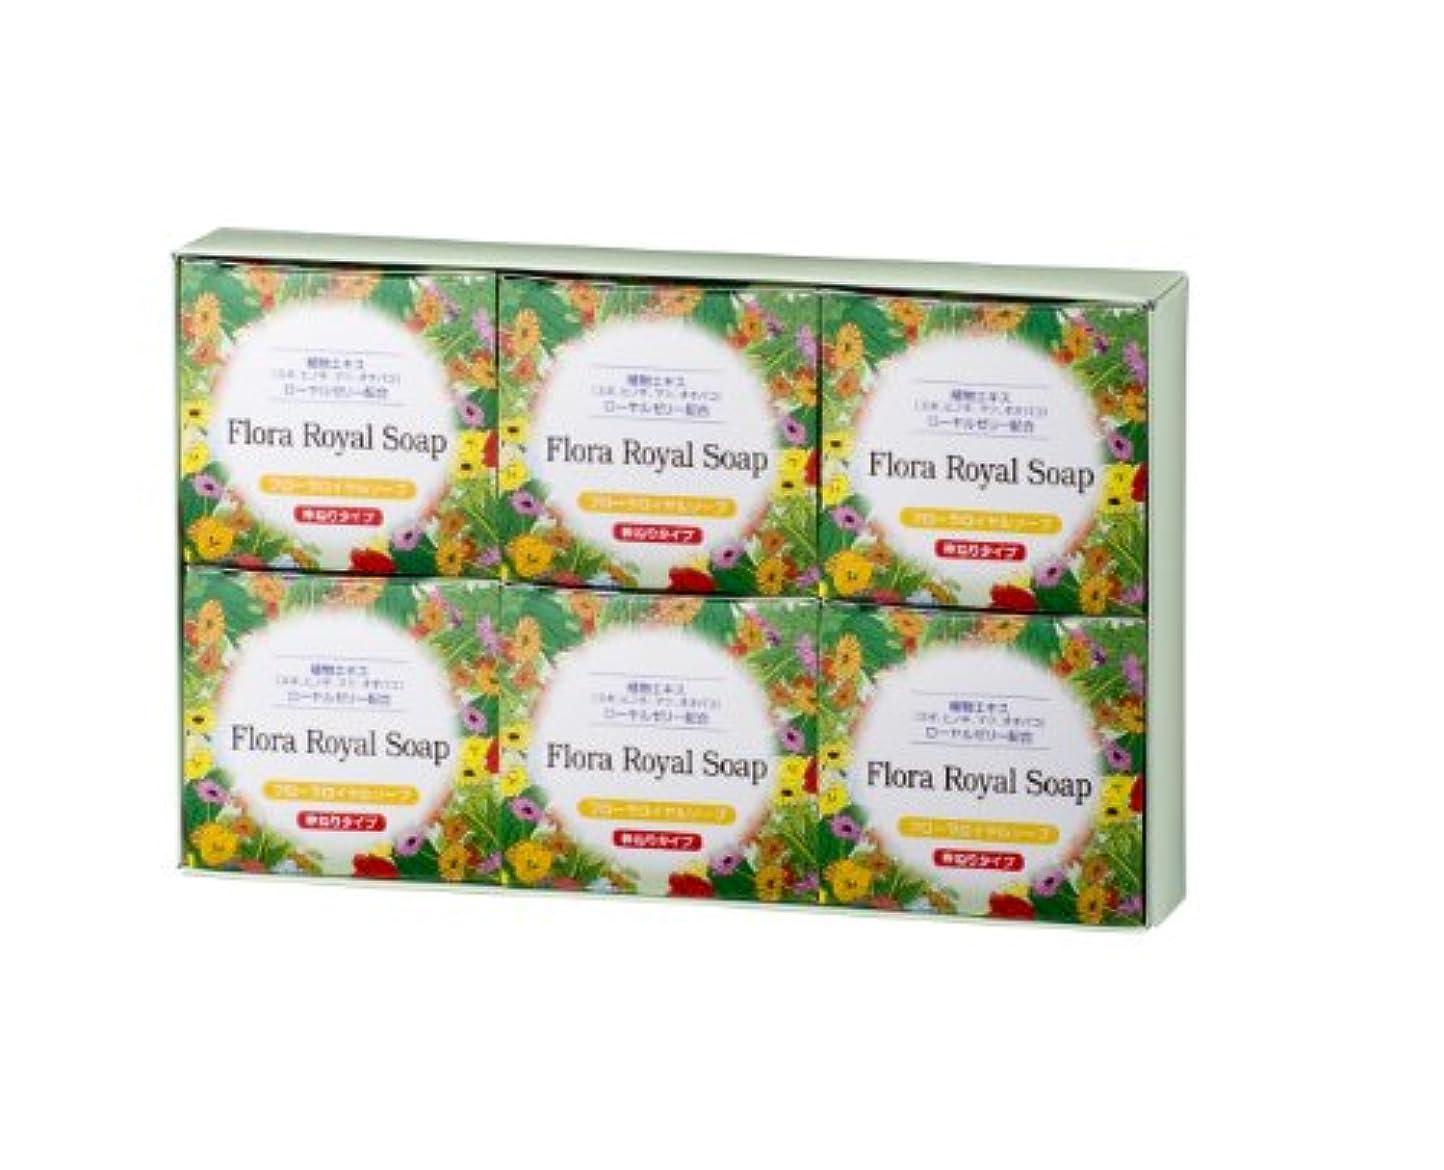 酸汗そのフローラ 植物エキスボディソープ(無香料) フローラロイヤルソープ  6個セット